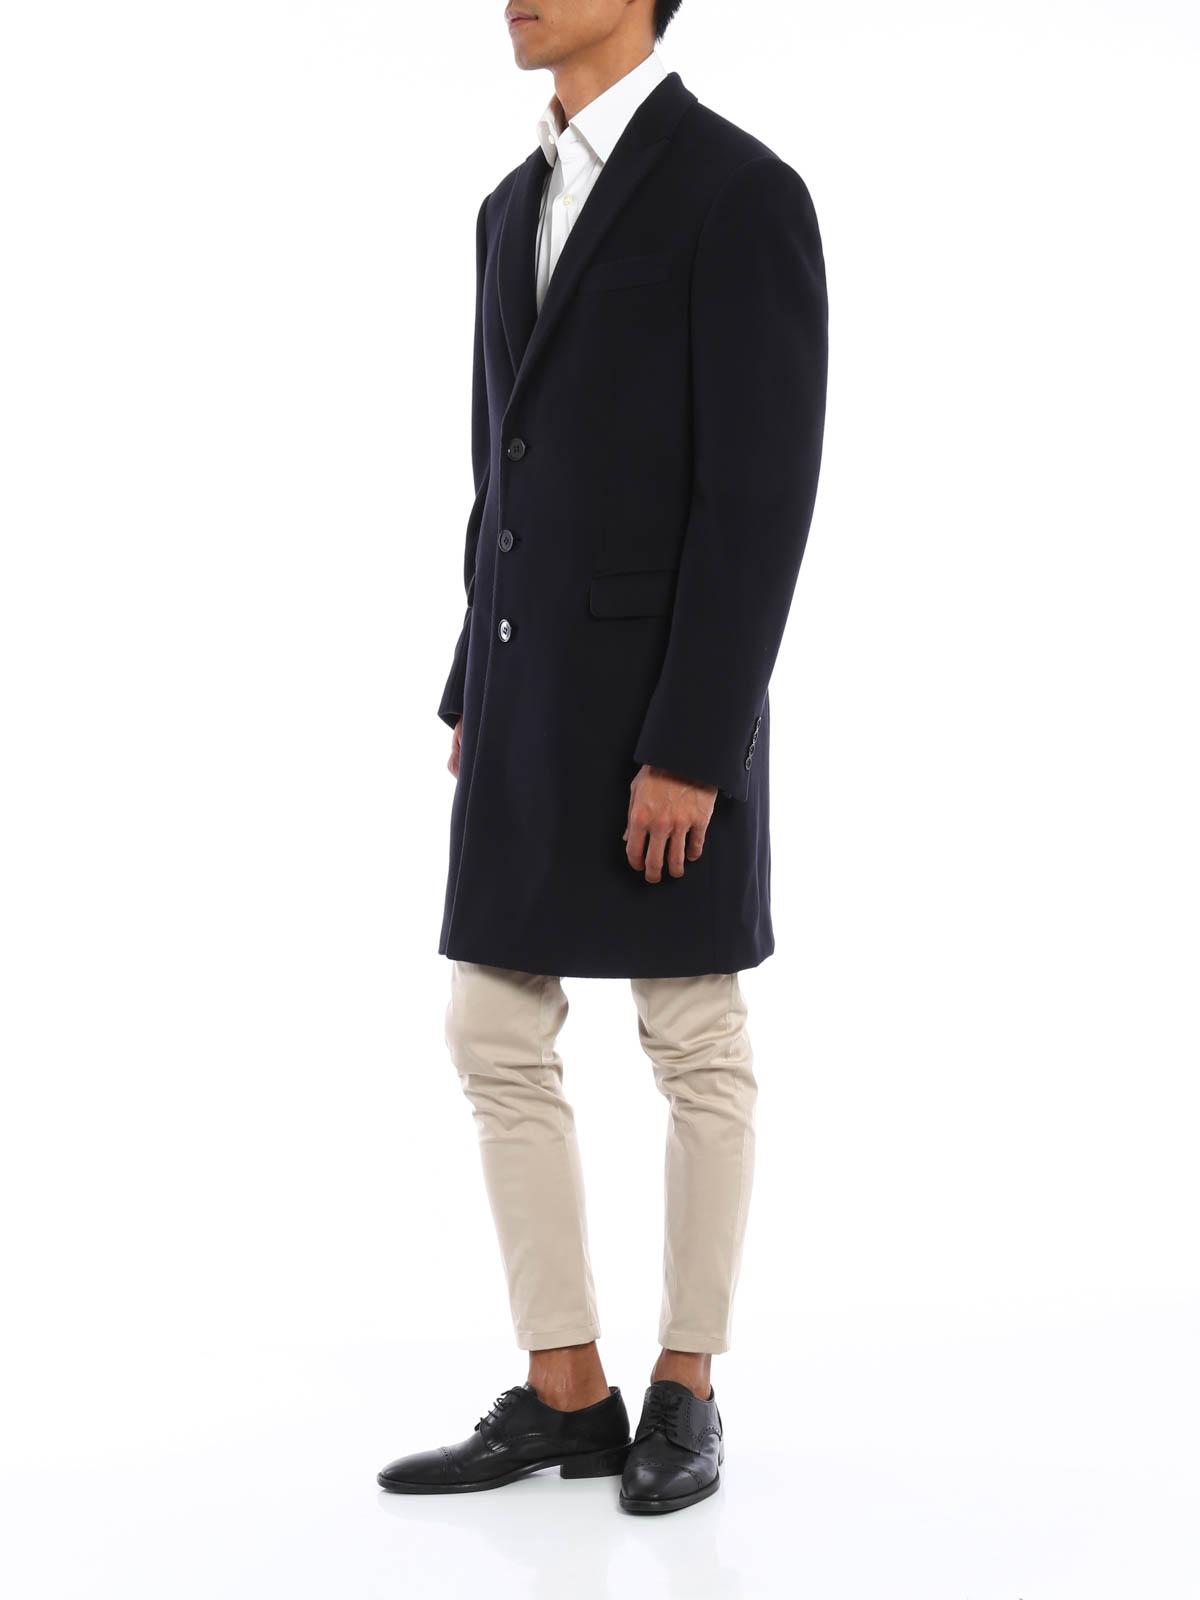 d4cc4f4dd67a Armani Collezioni - Water repellent wool coat - short coats - UCLMA0 ...